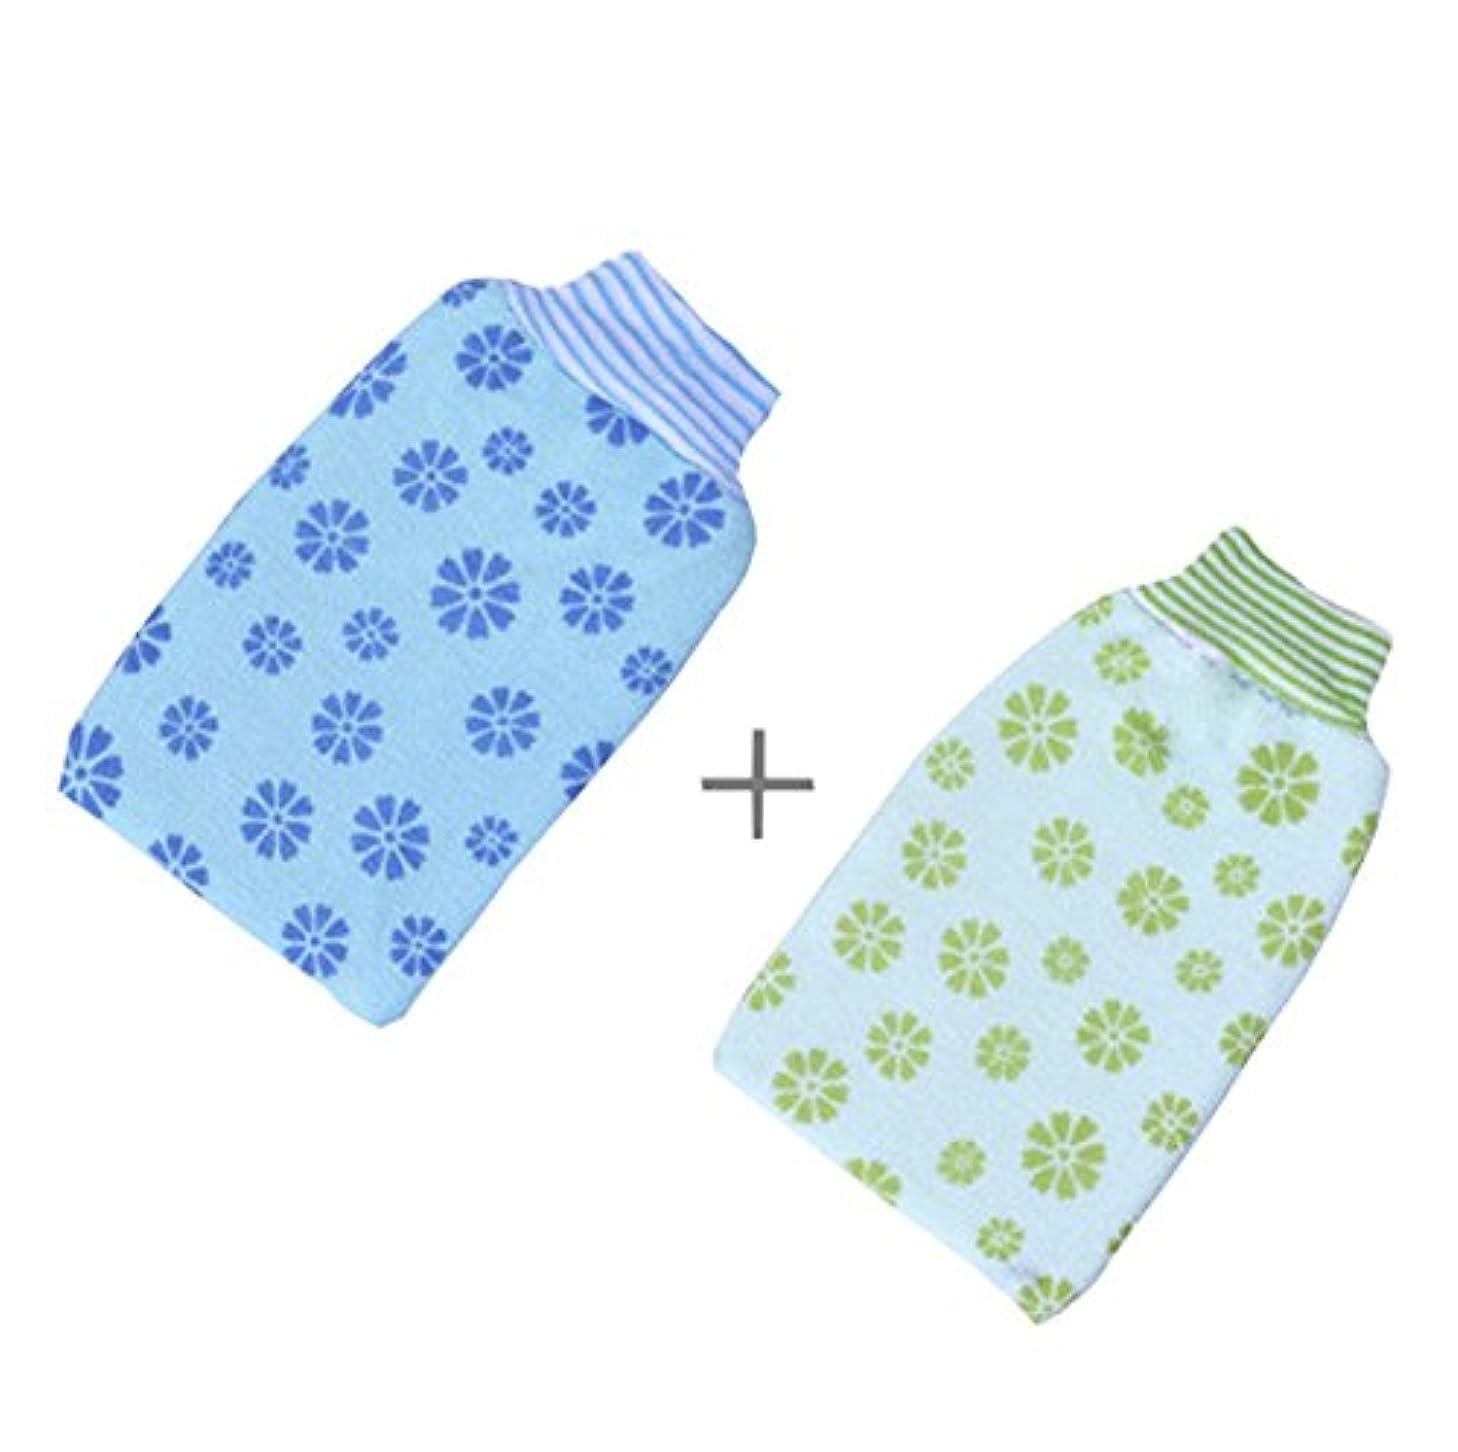 特権滝センチメンタルバスタオル大人用厚めの両面擦り手袋、印刷